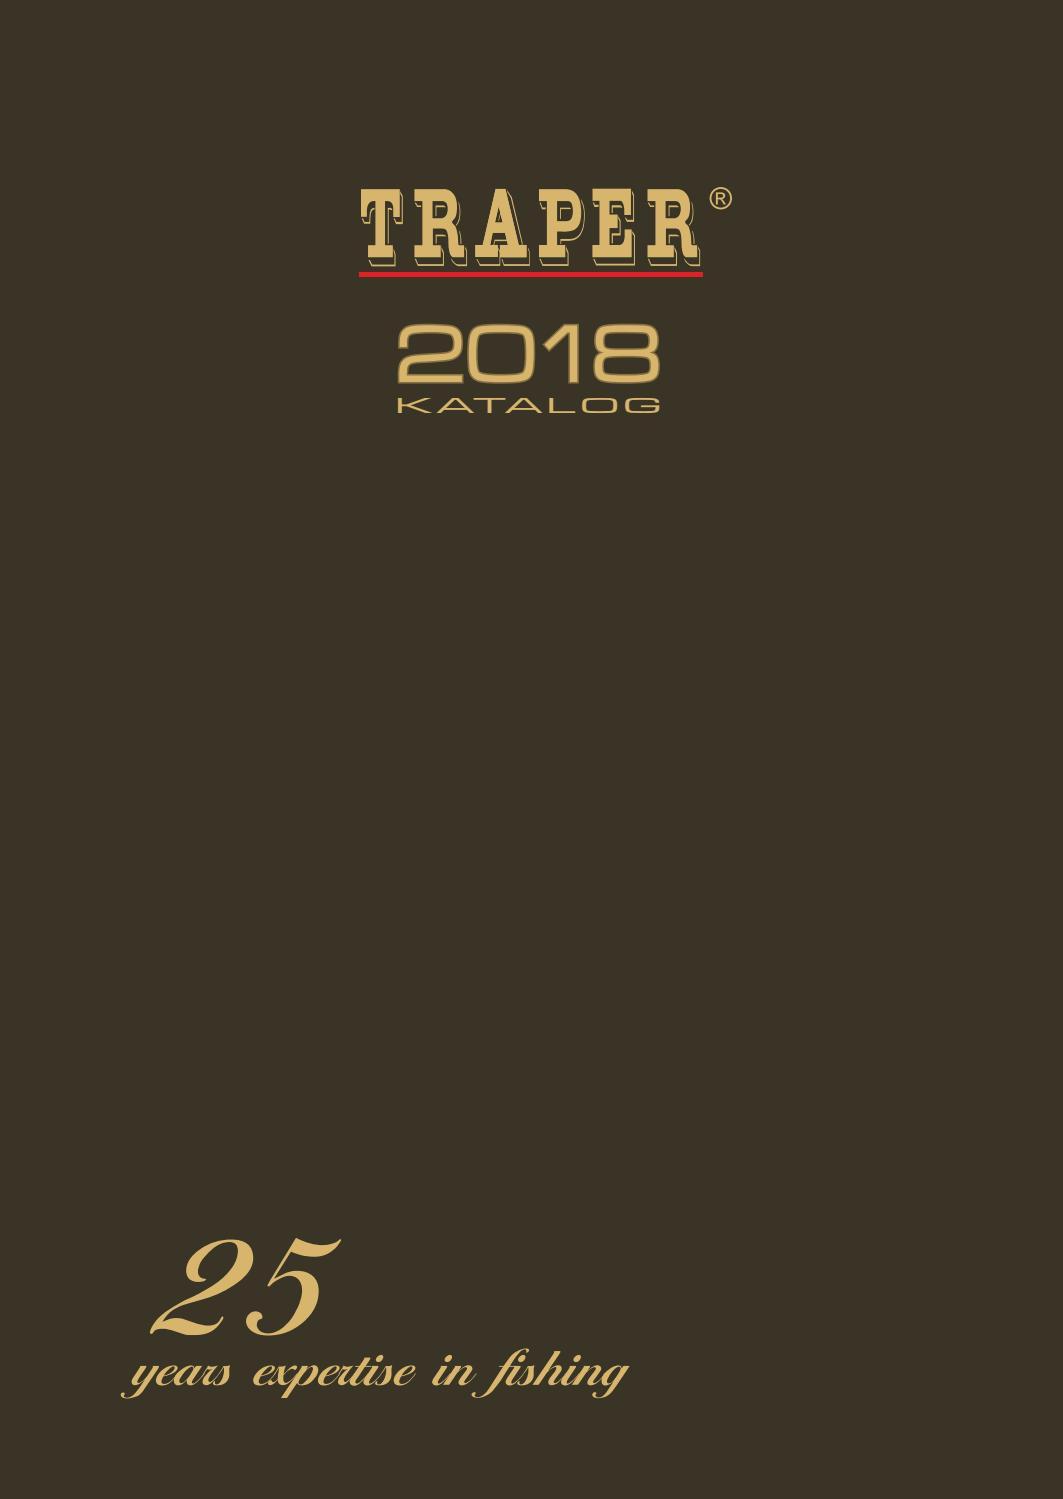 ee4d7dbf62eac Traper katalog 2018 by Studio ANANAS - issuu